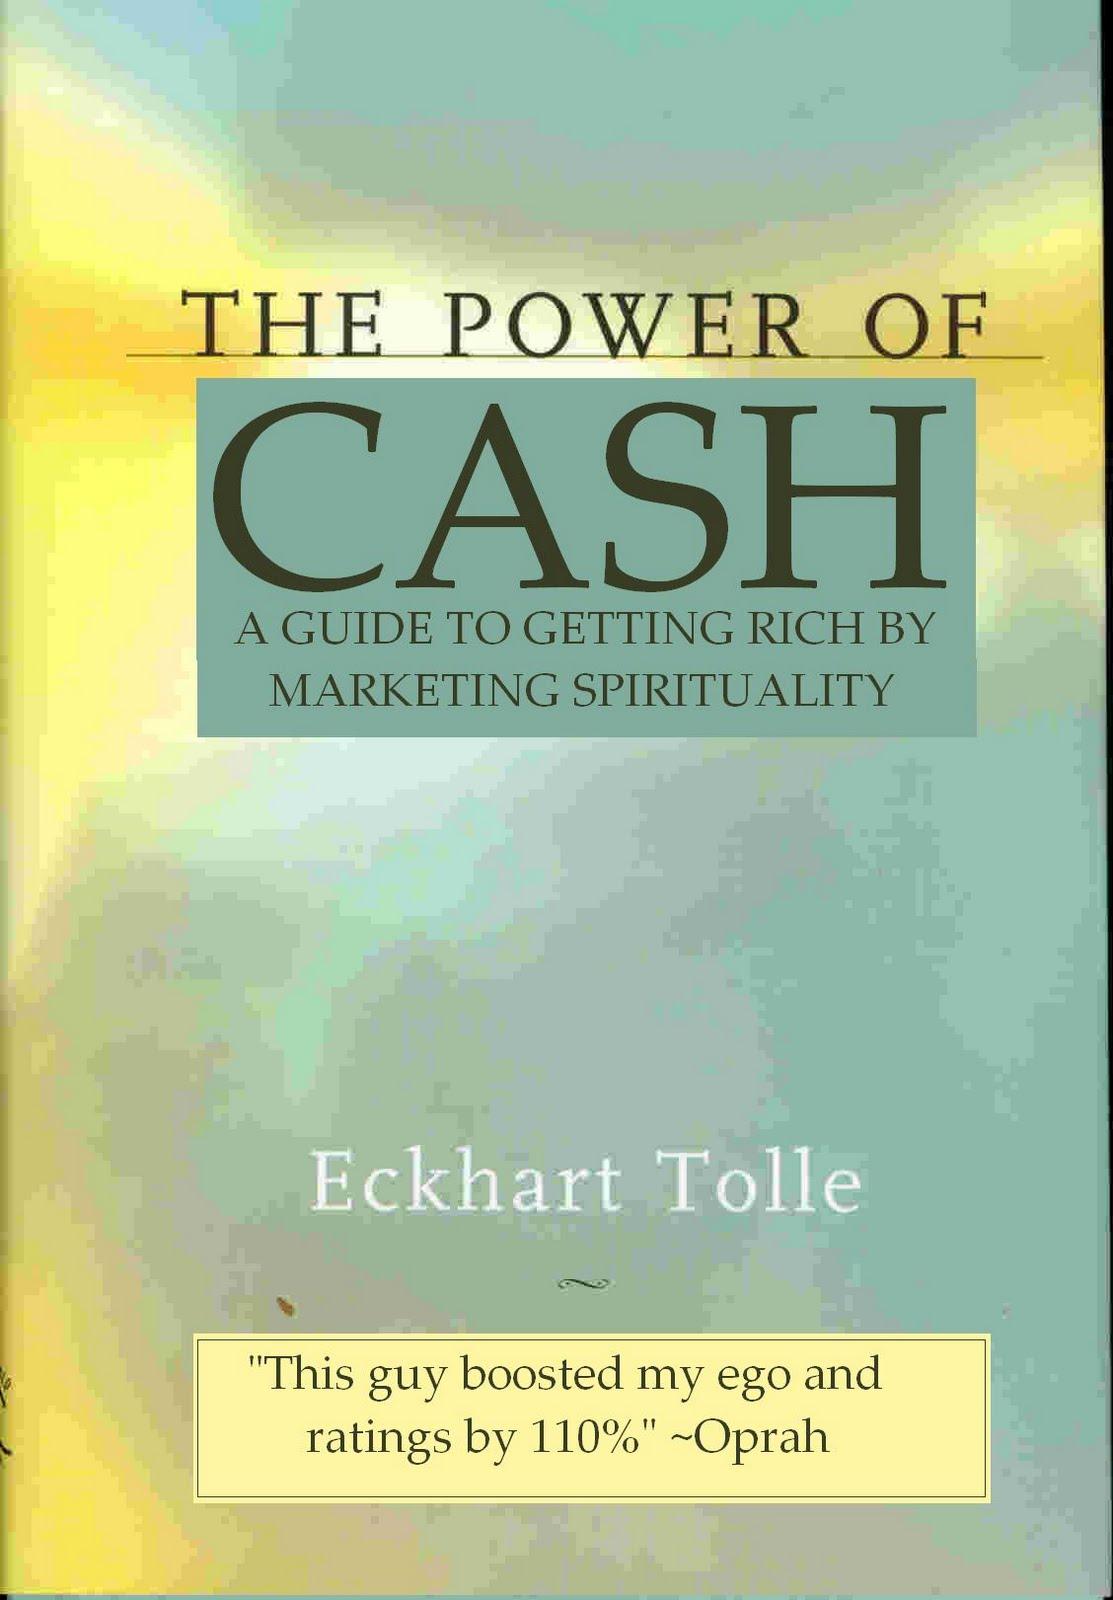 the_power_of_cash.JPG